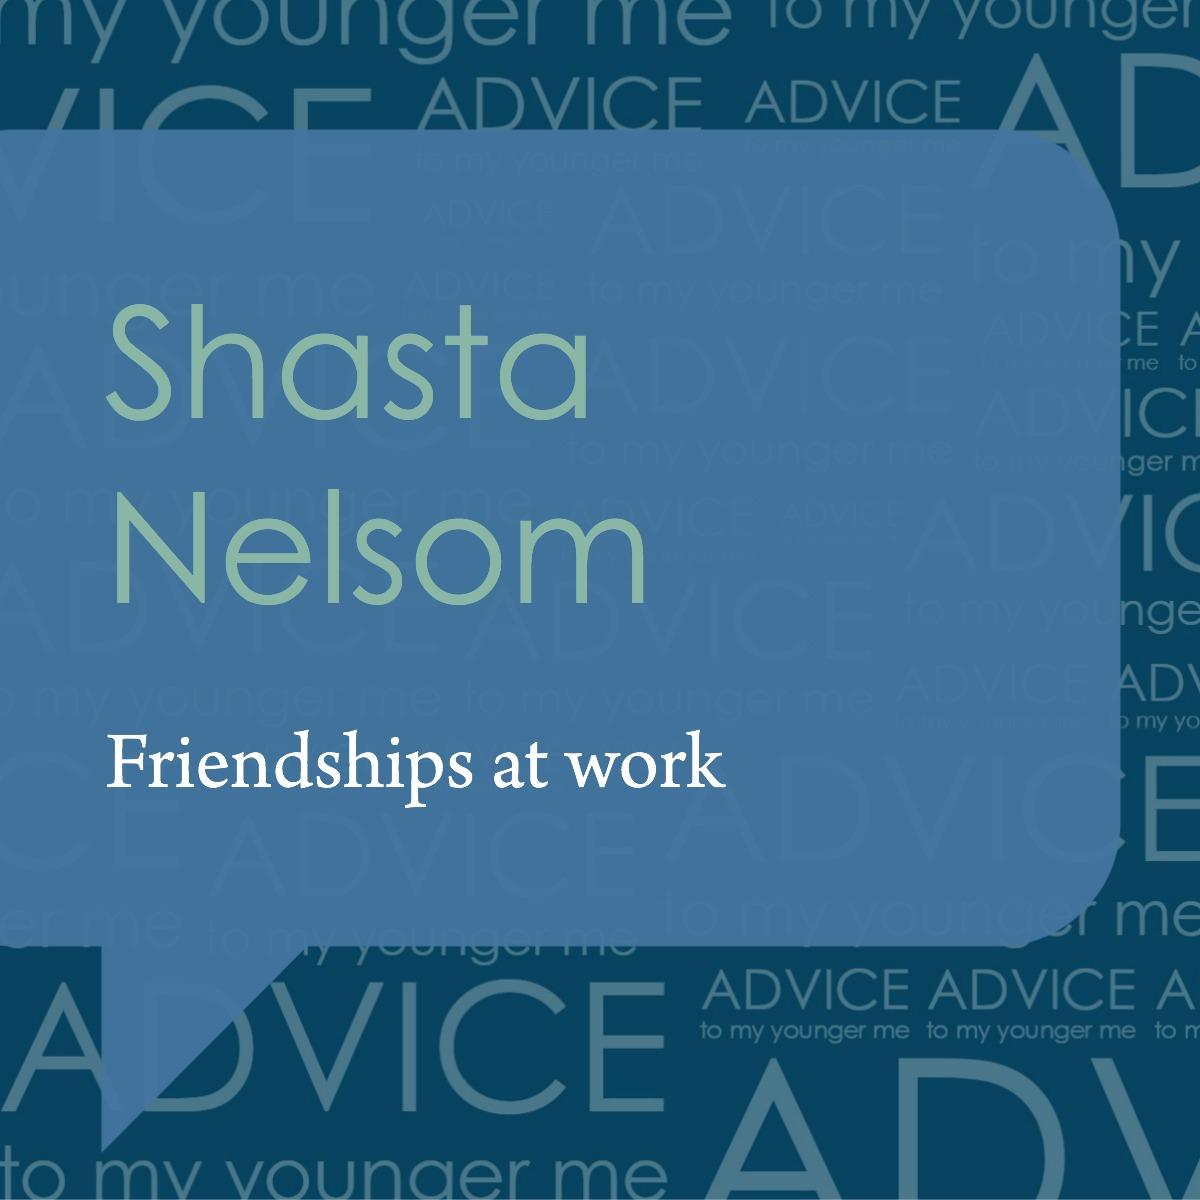 Shasta Nelsom